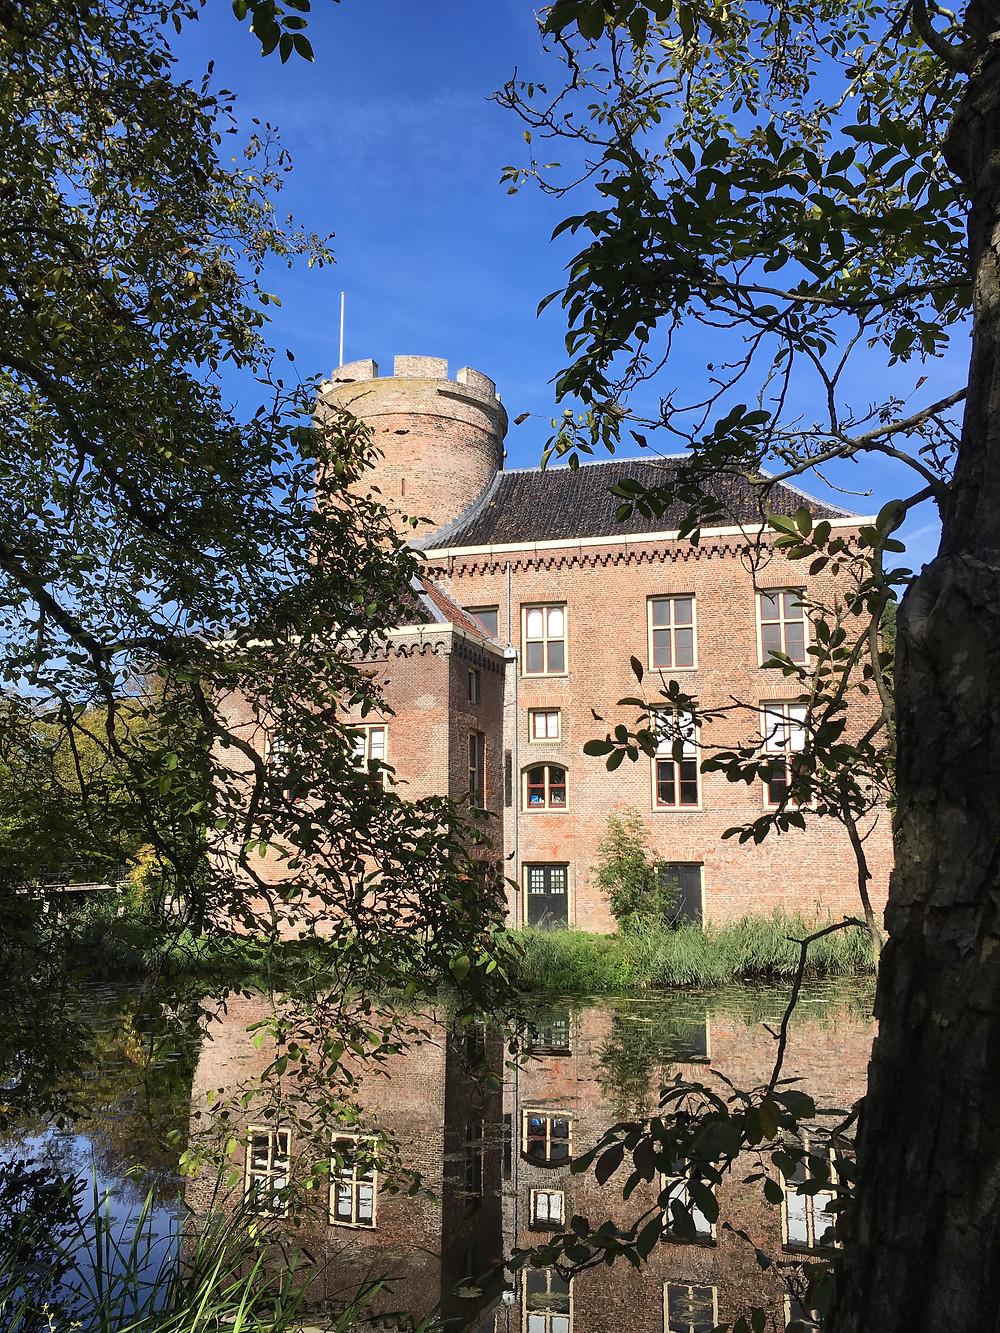 Schloss Loenersloot spiegelt sich im Wasser im Sommer (by HungrigaufMeer)